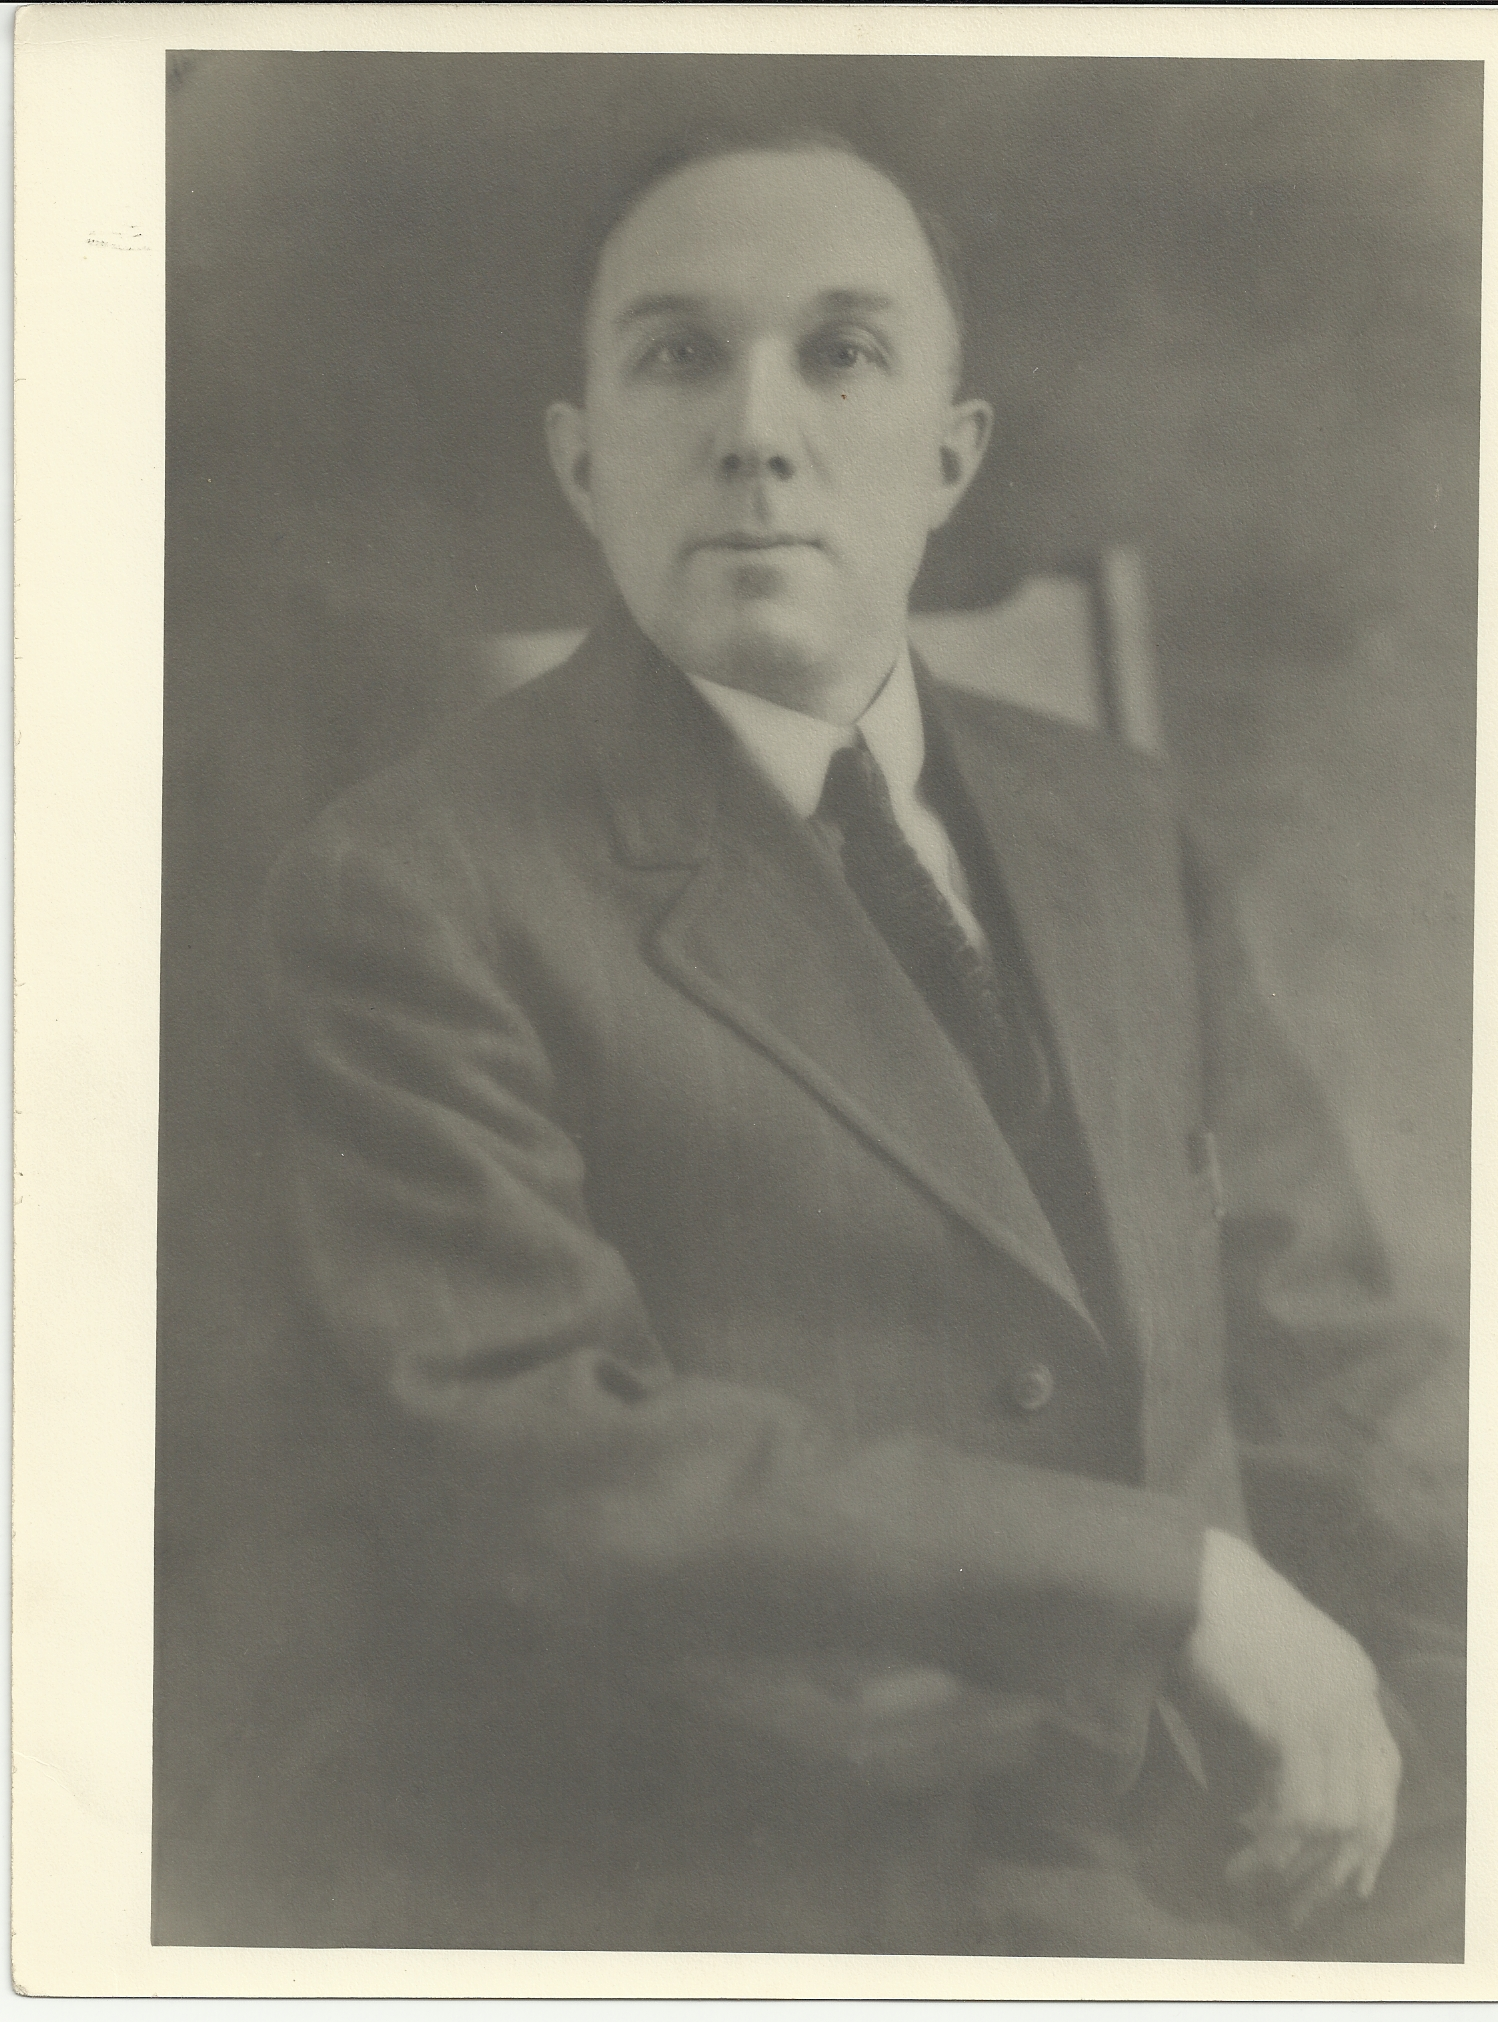 Peter Furman